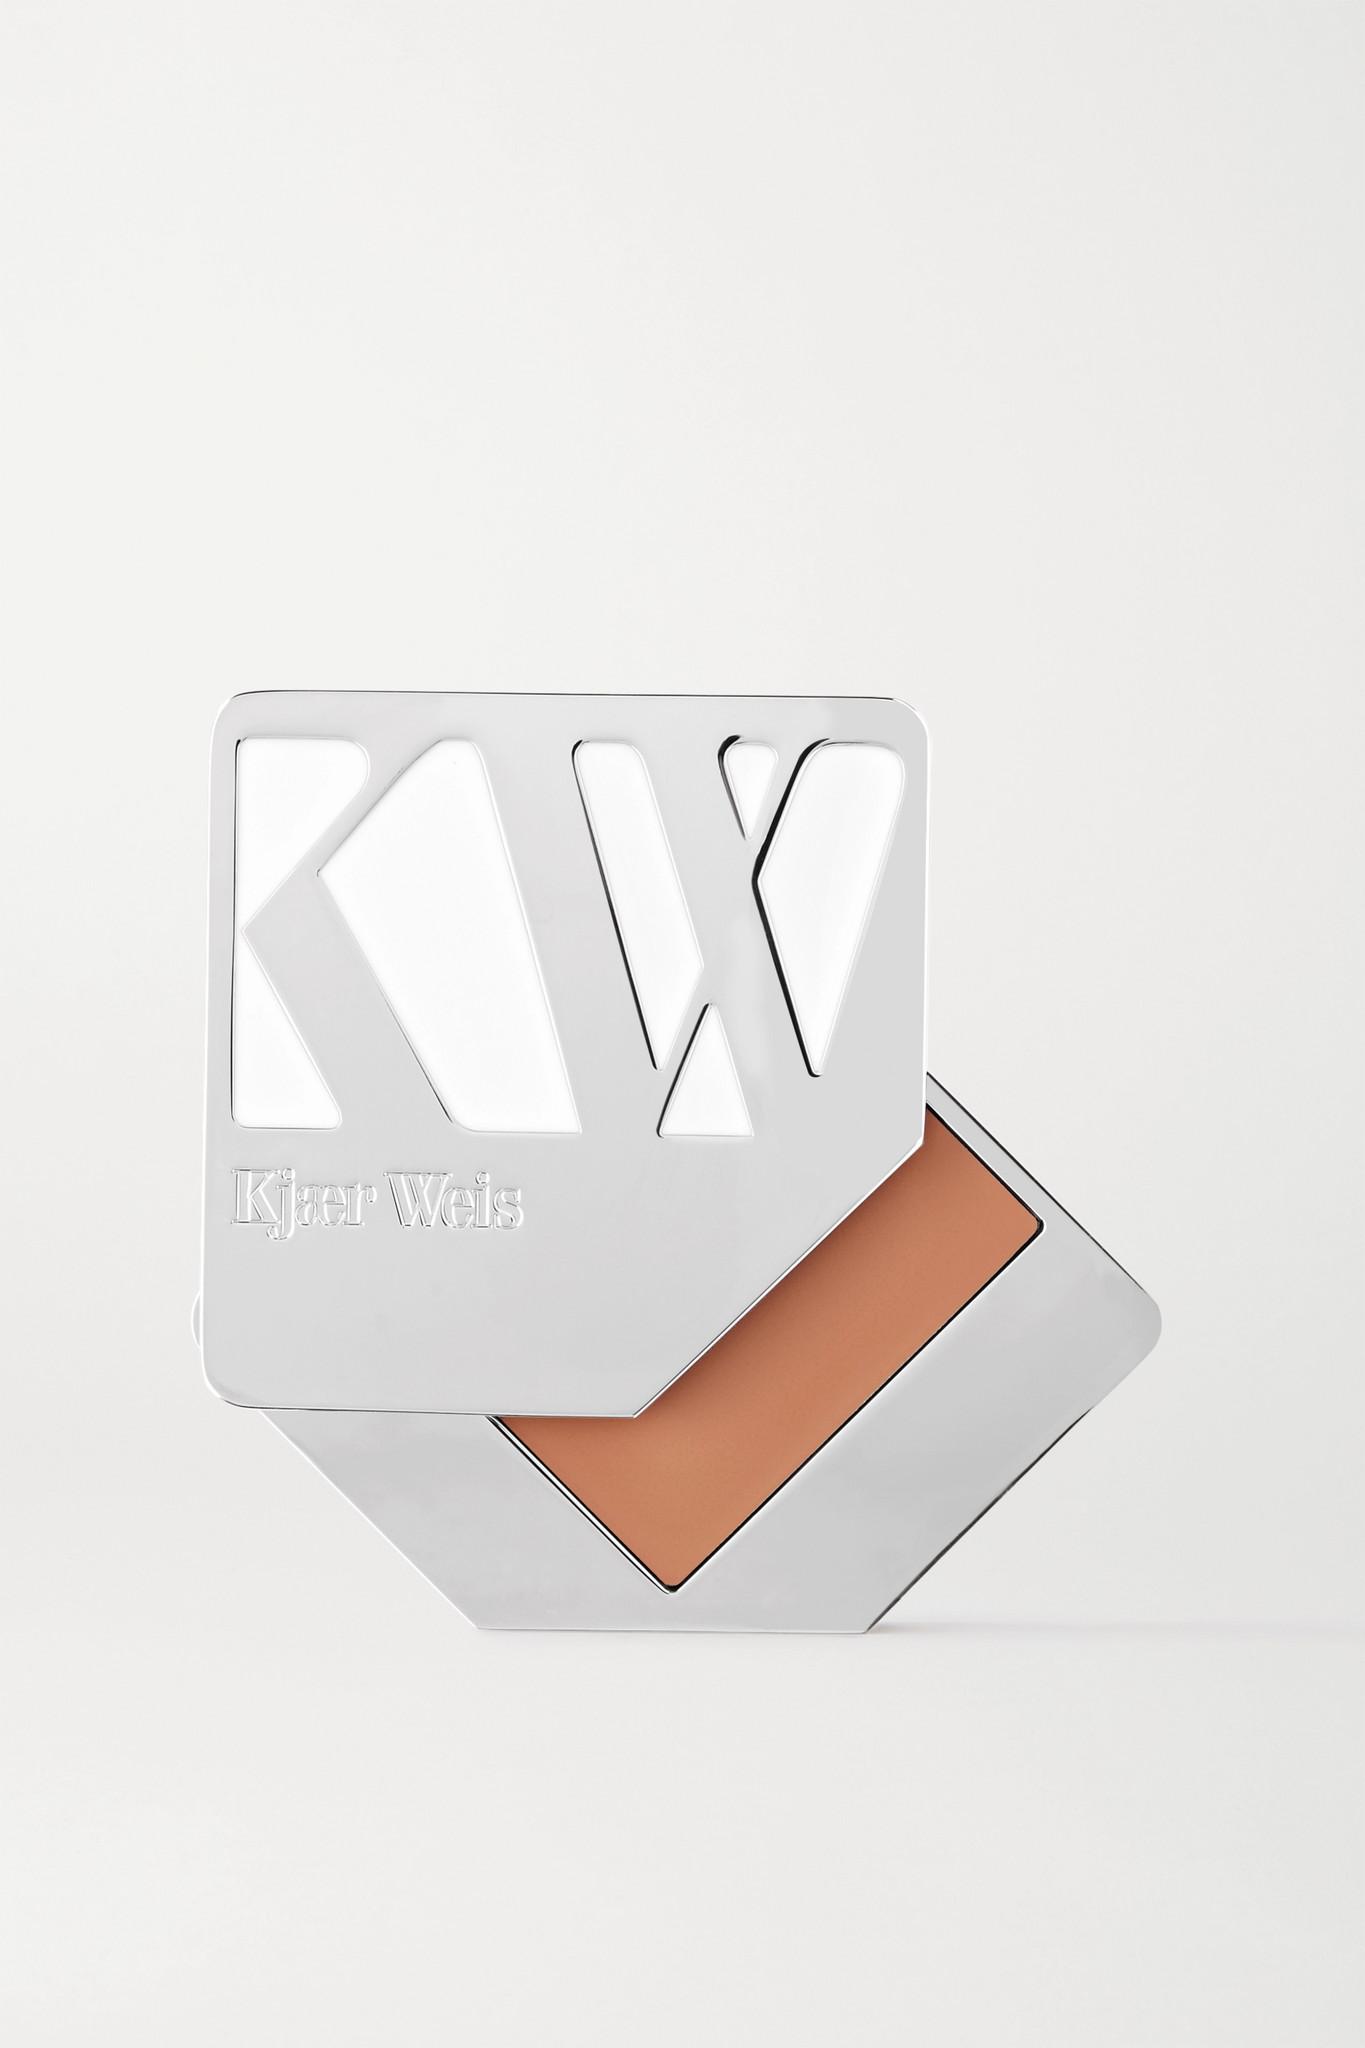 KJAER WEIS - Cream Foundation - Dainty - Neutrals - one size